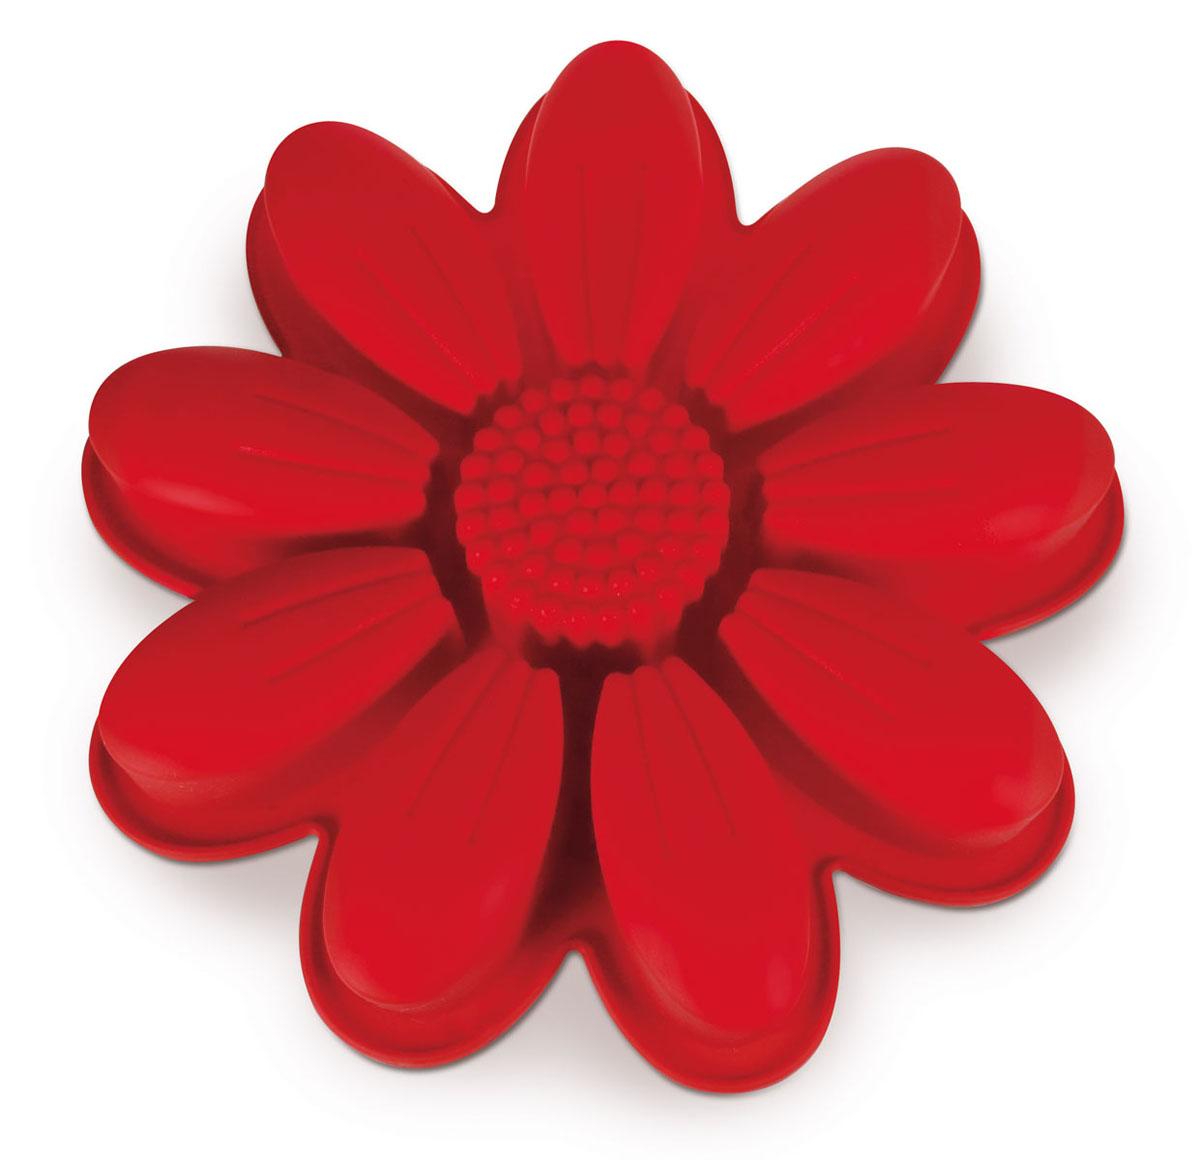 Форма для выпечки Dr.Oetker Flexxibel, цвет: красный, диаметр 27 см2189Форма Dr.Oetker Flexxibel будет отличным выбором для всех любителей выпечки. Благодаря тому, что форма изготовлена из силикона, готовую выпечку вынимать легко и просто. Изделие выполнено в форме подсолнуха. Форма прекрасно подходит для выпечки различных десертов. Это порционная форма для приготовления нескольких небольших порций. Она идеальна для одновременного приготовления в одной форме нескольких блюд на различные вкусы.С такой формой вы всегда сможете порадовать своих близких оригинальной выпечкой. Материал изделия устойчив к фруктовым кислотам, может быть использован в духовках, микроволновых печах, холодильниках и морозильных камерах (выдерживает температуру от -25°C до 250°C). Антипригарные свойства материала позволяют готовить без использования масла.Можно мыть и сушить в посудомоечной машине. При работе с формой используйте кухонный инструмент из силикона - кисти, лопатки, скребки. Не ставьте форму на электрическую конфорку. Не разрезайте выпечку прямо в форме.